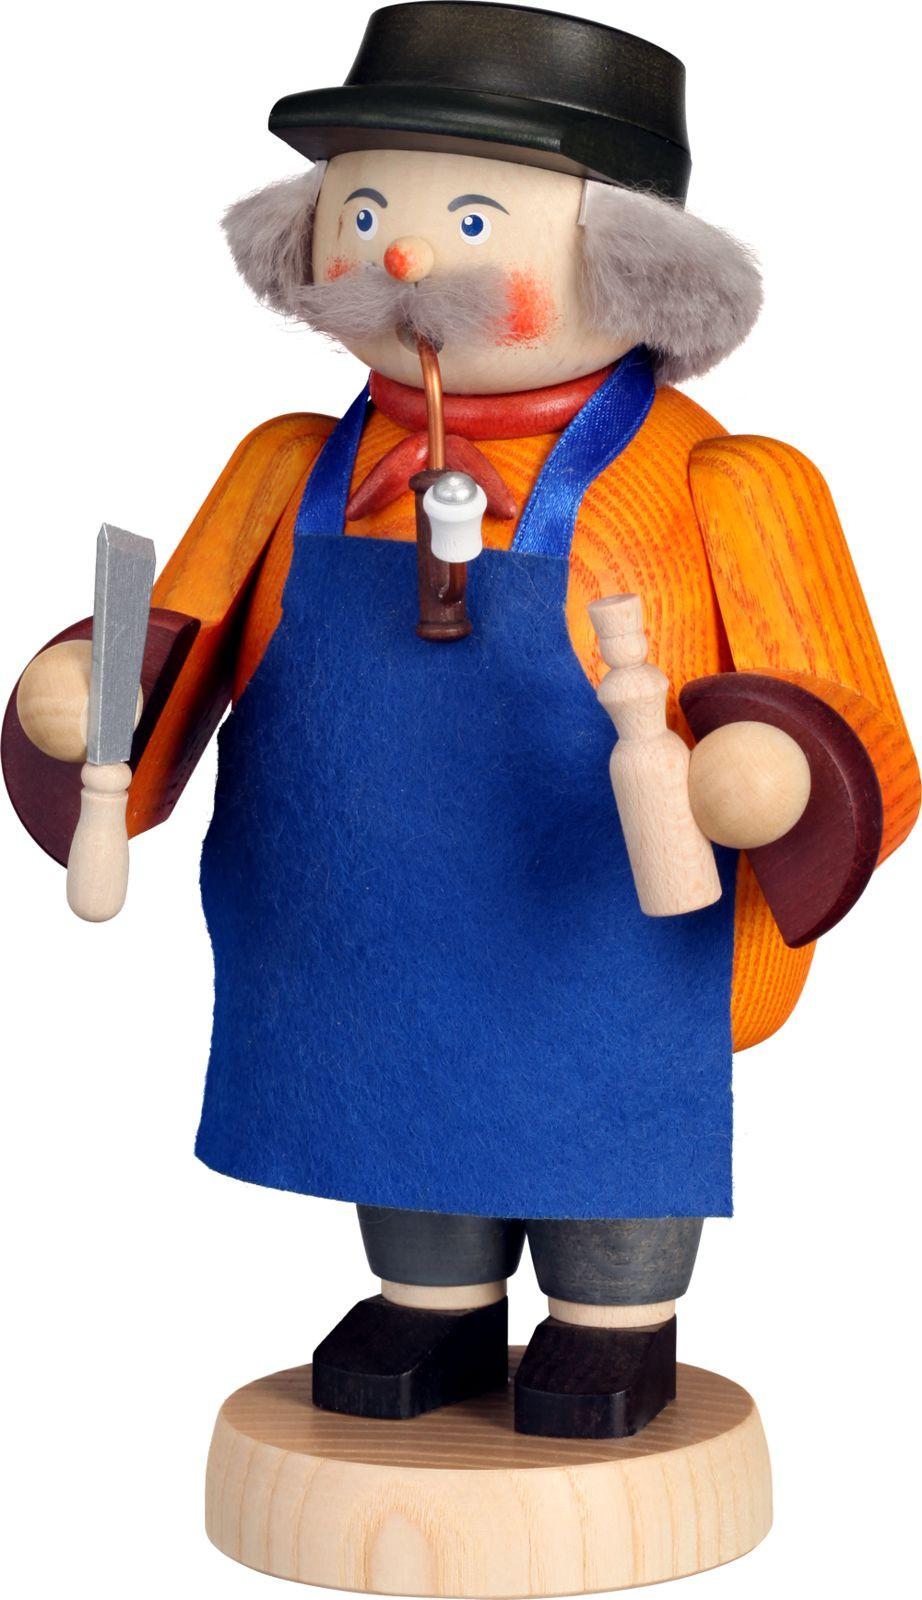 Räuchermann Spielzeugmacher-Die Gemütlichen-